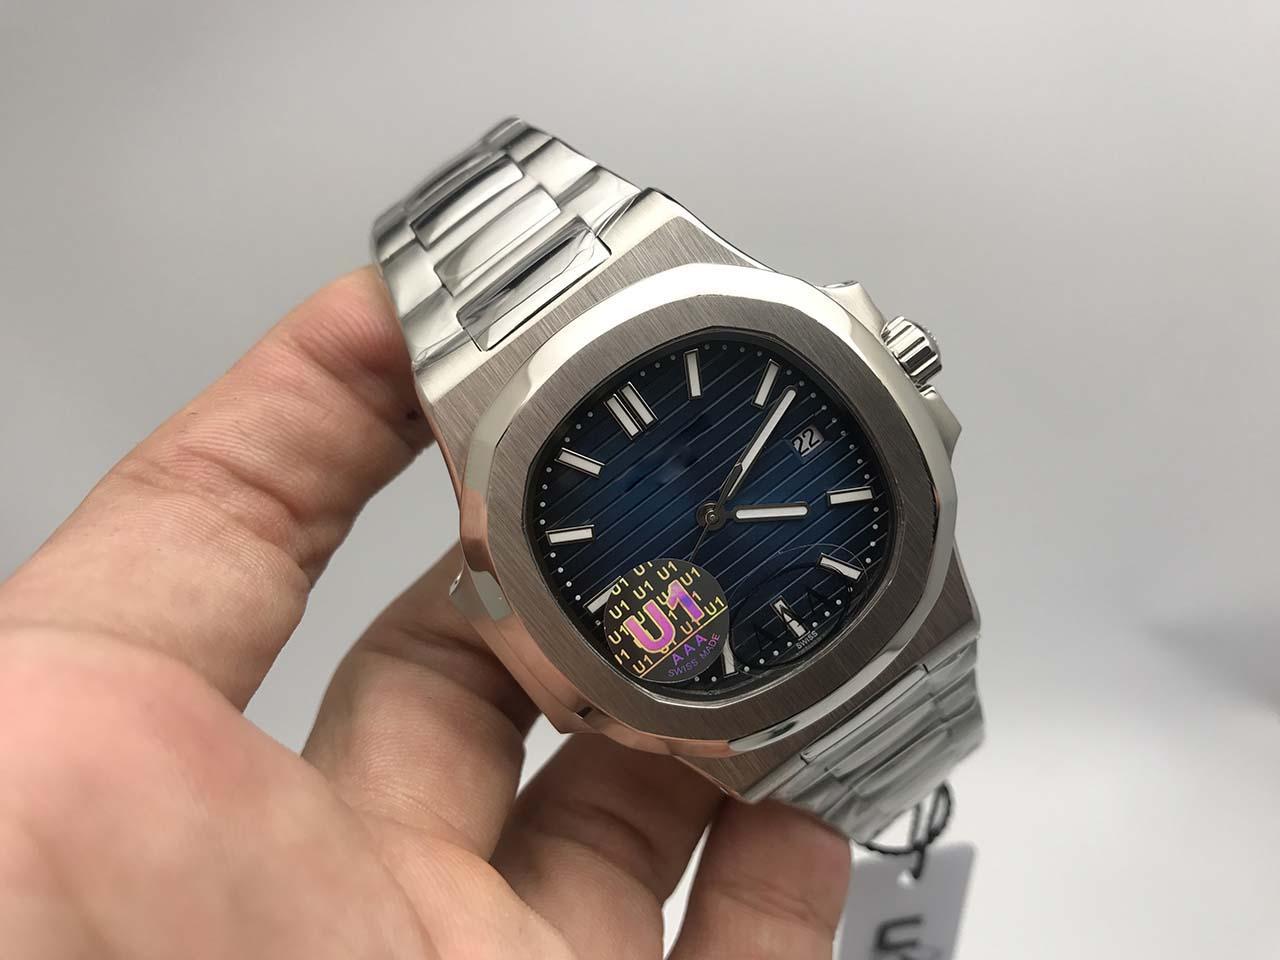 En Kaliteli Mavi Arama Asya Hareketi Safir Saatı 40mm Oyma Mekanik Şeffaf Otomatik Erkek İzle Saatler